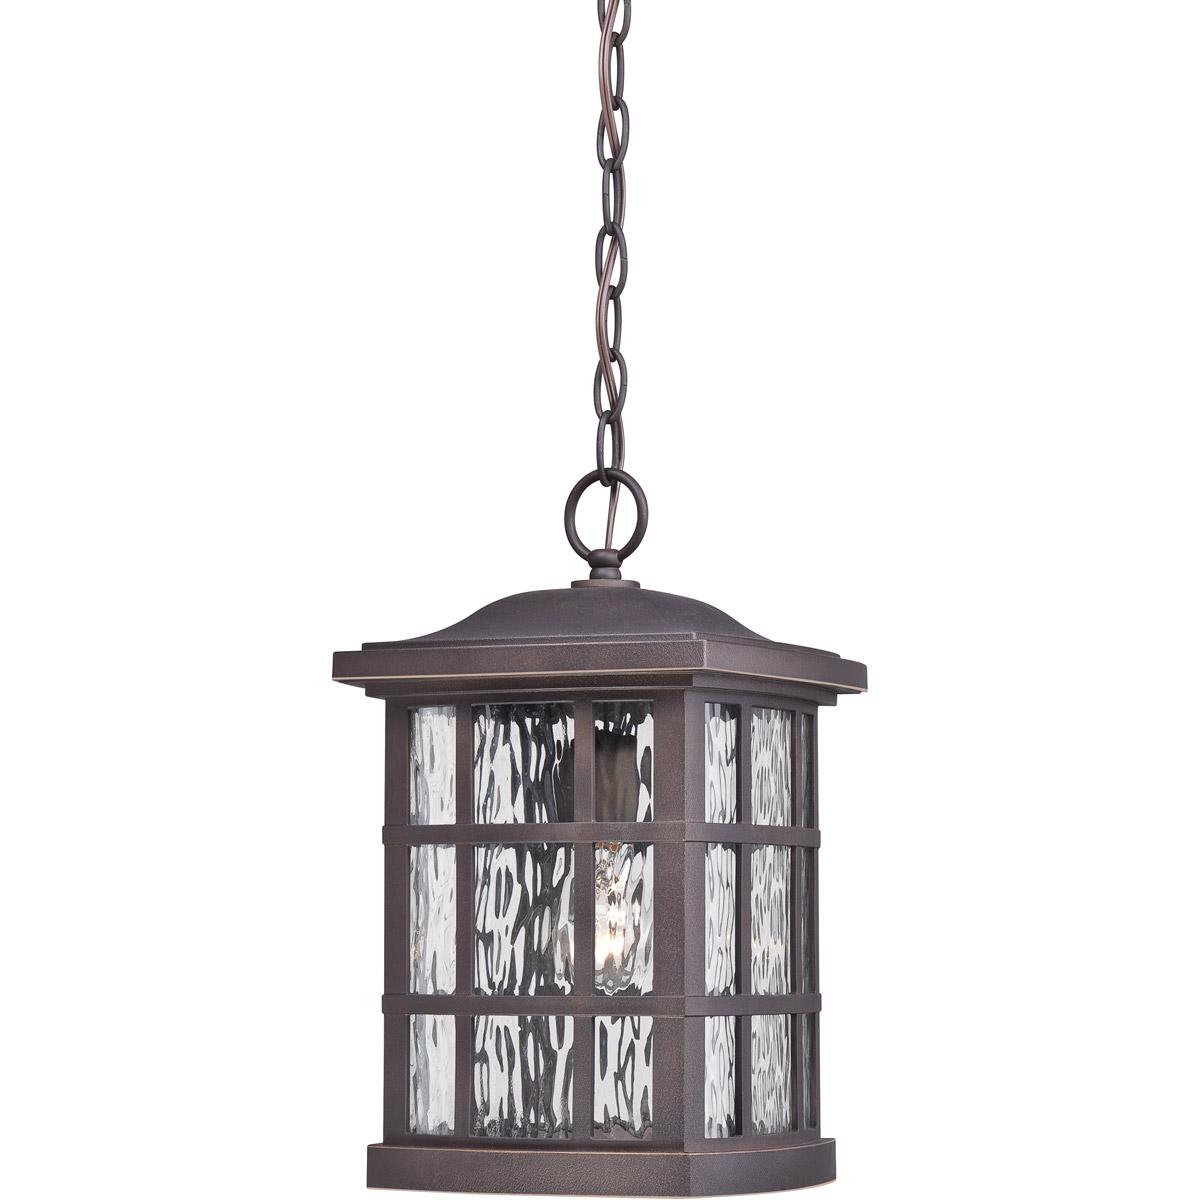 Stonington 1 Light Outdoor Hanging Lantern, Hanging Lantern